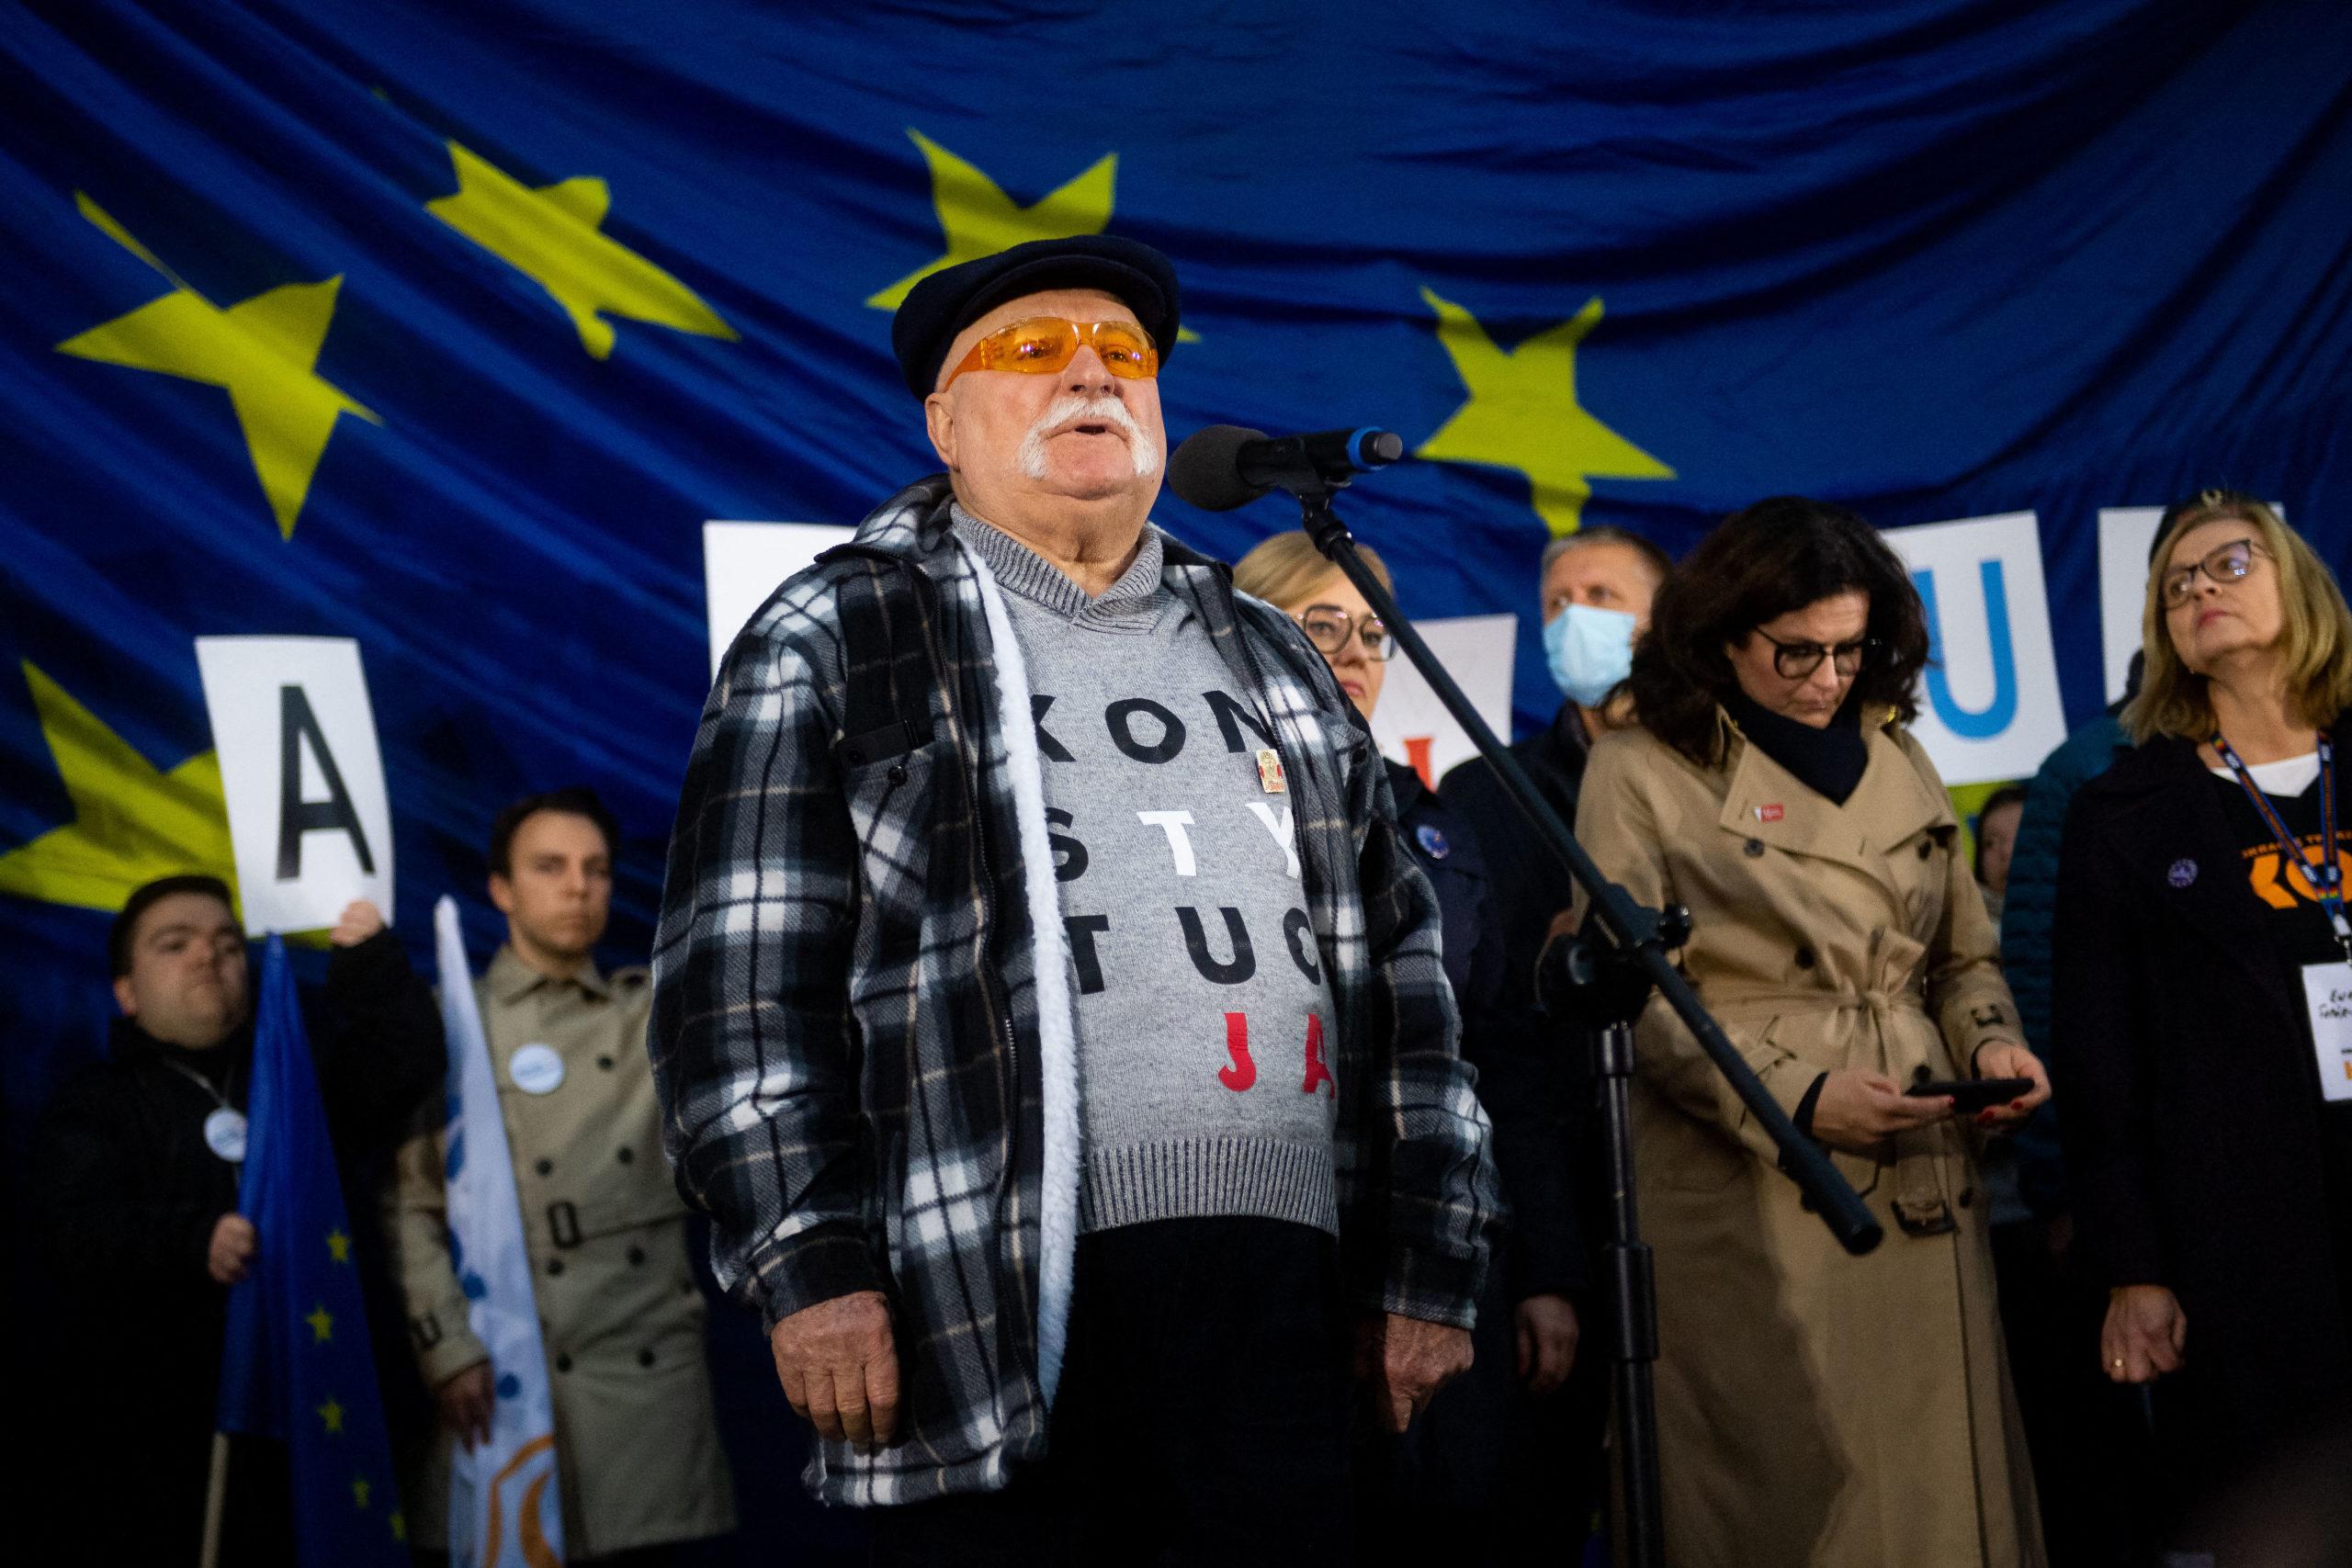 Polonia, in piazza per dire No all'uscita dall'Ue: il fotoreportage su The Post Internazionale